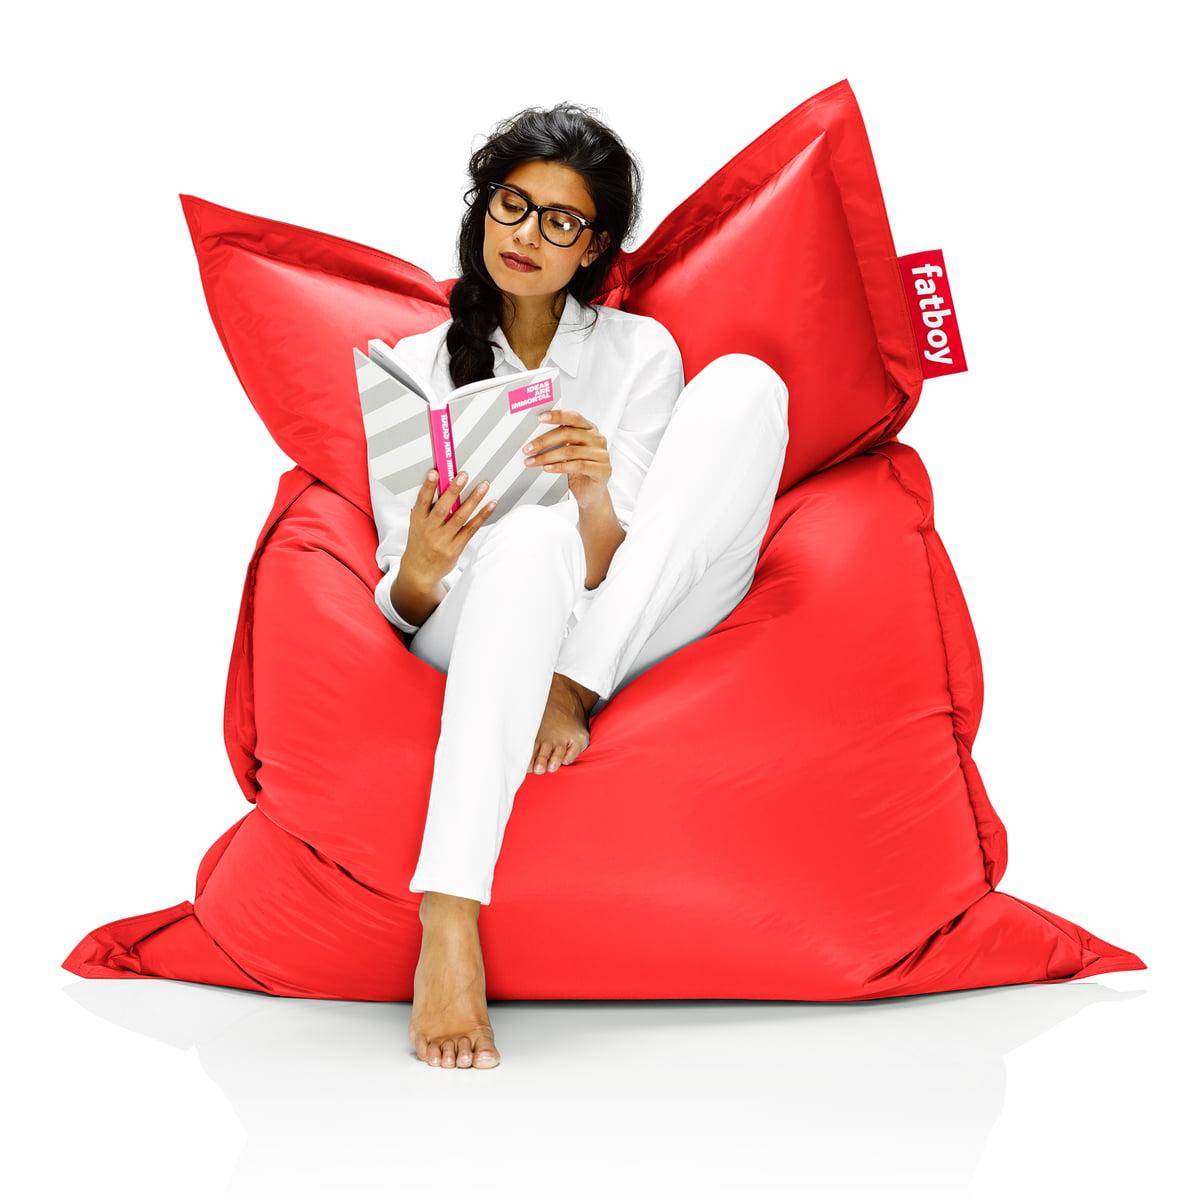 buy the fatboy original beanbag online  shop - fatboy original beanbag  situation with woman on beanbag red